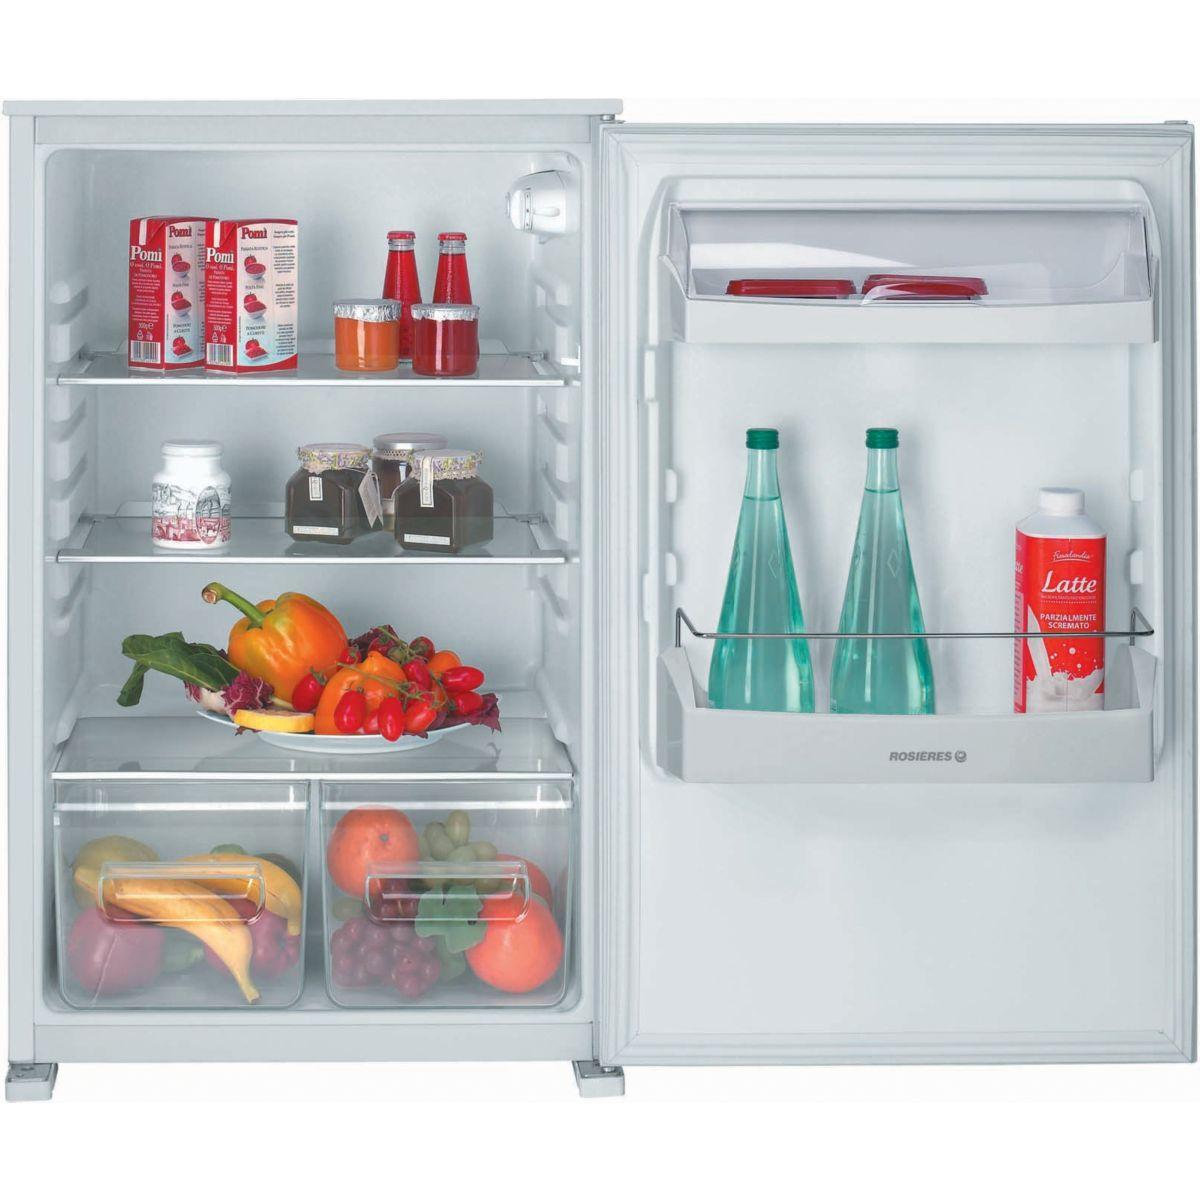 Réfrigérateur encastrable rosieres rblp170 - 10% de remise immédiate avec le code : cool10 (photo)